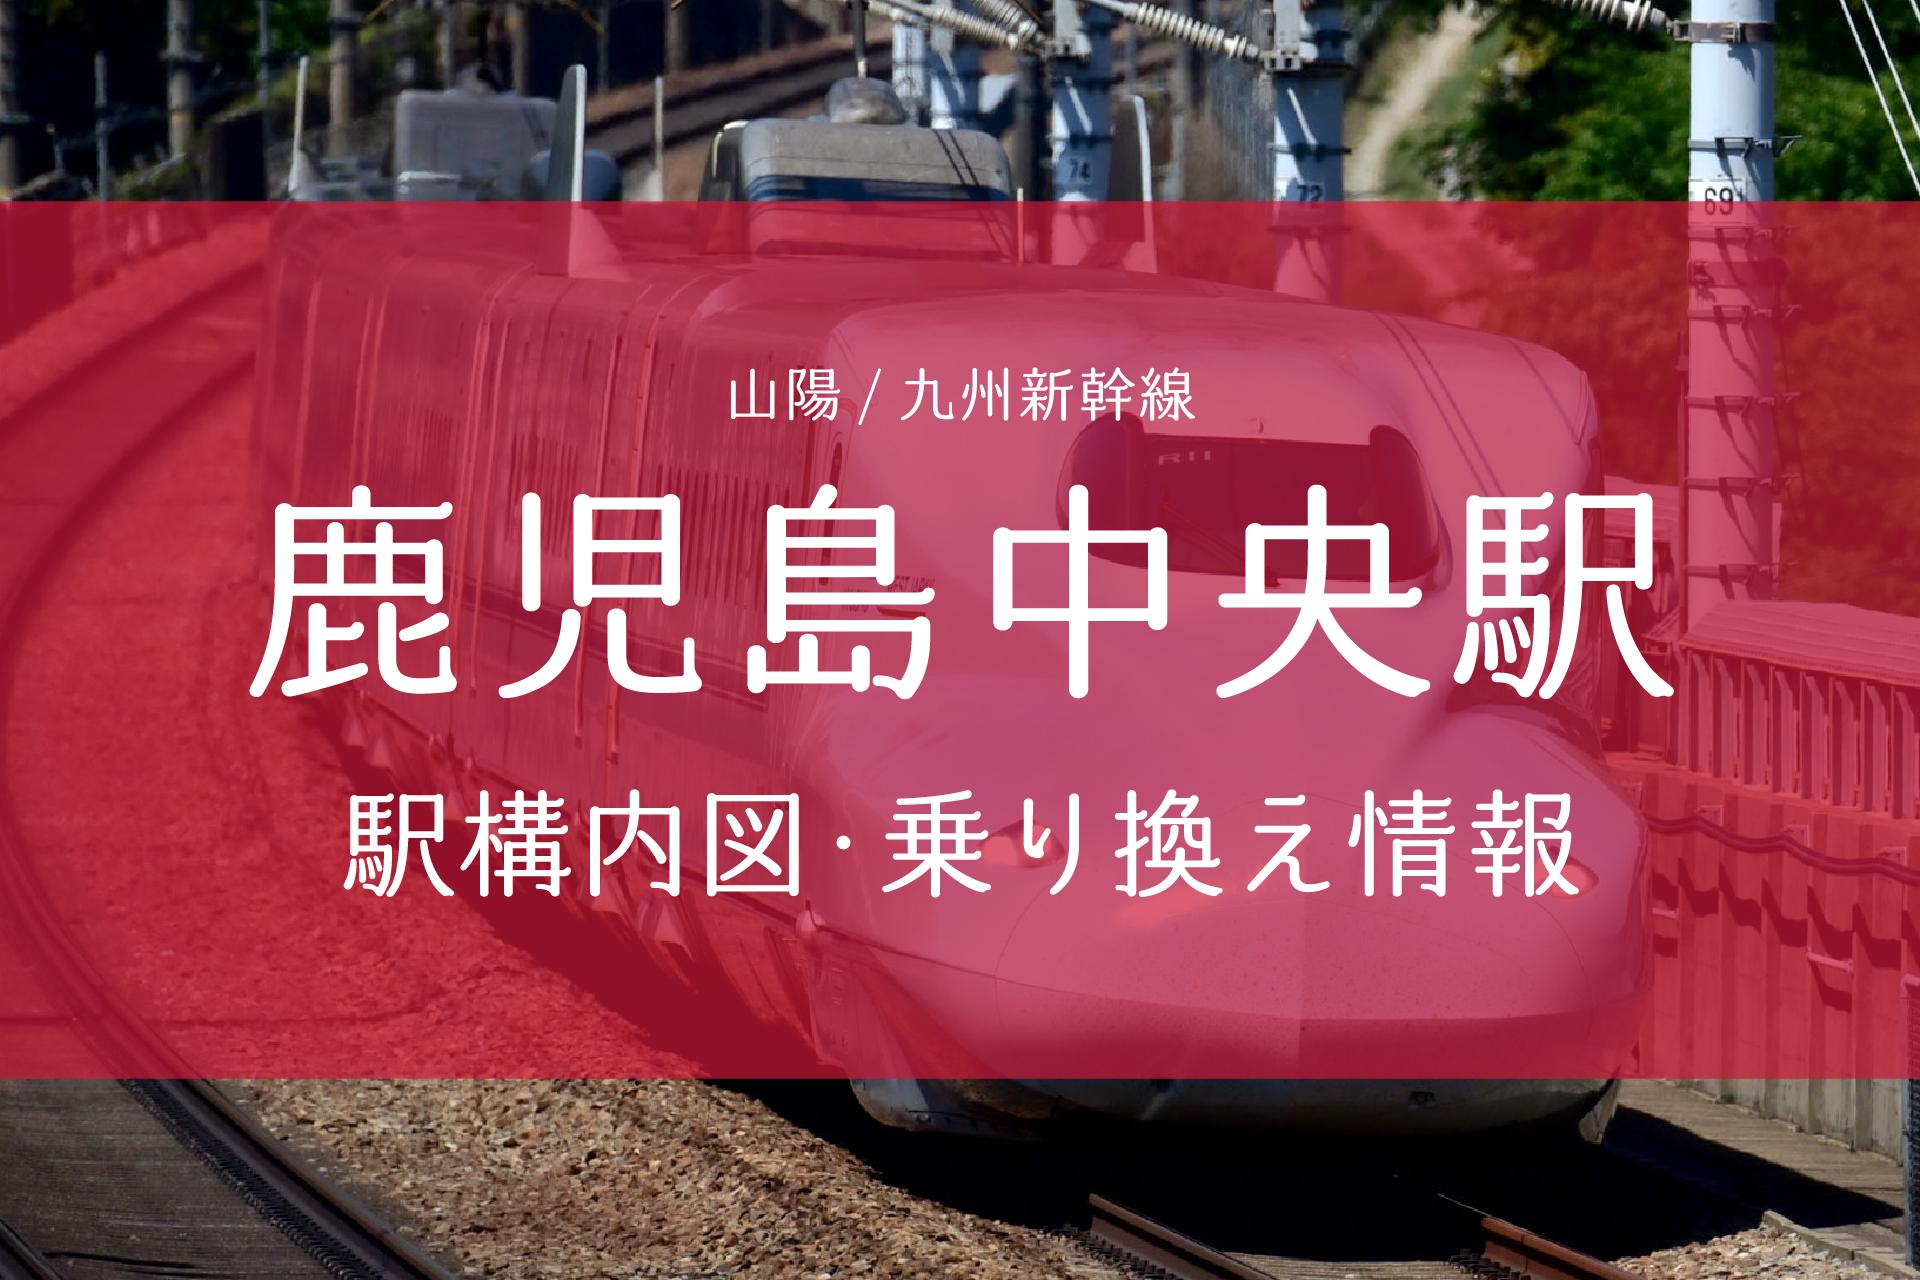 鹿児島中央駅構内図・乗り換え情報